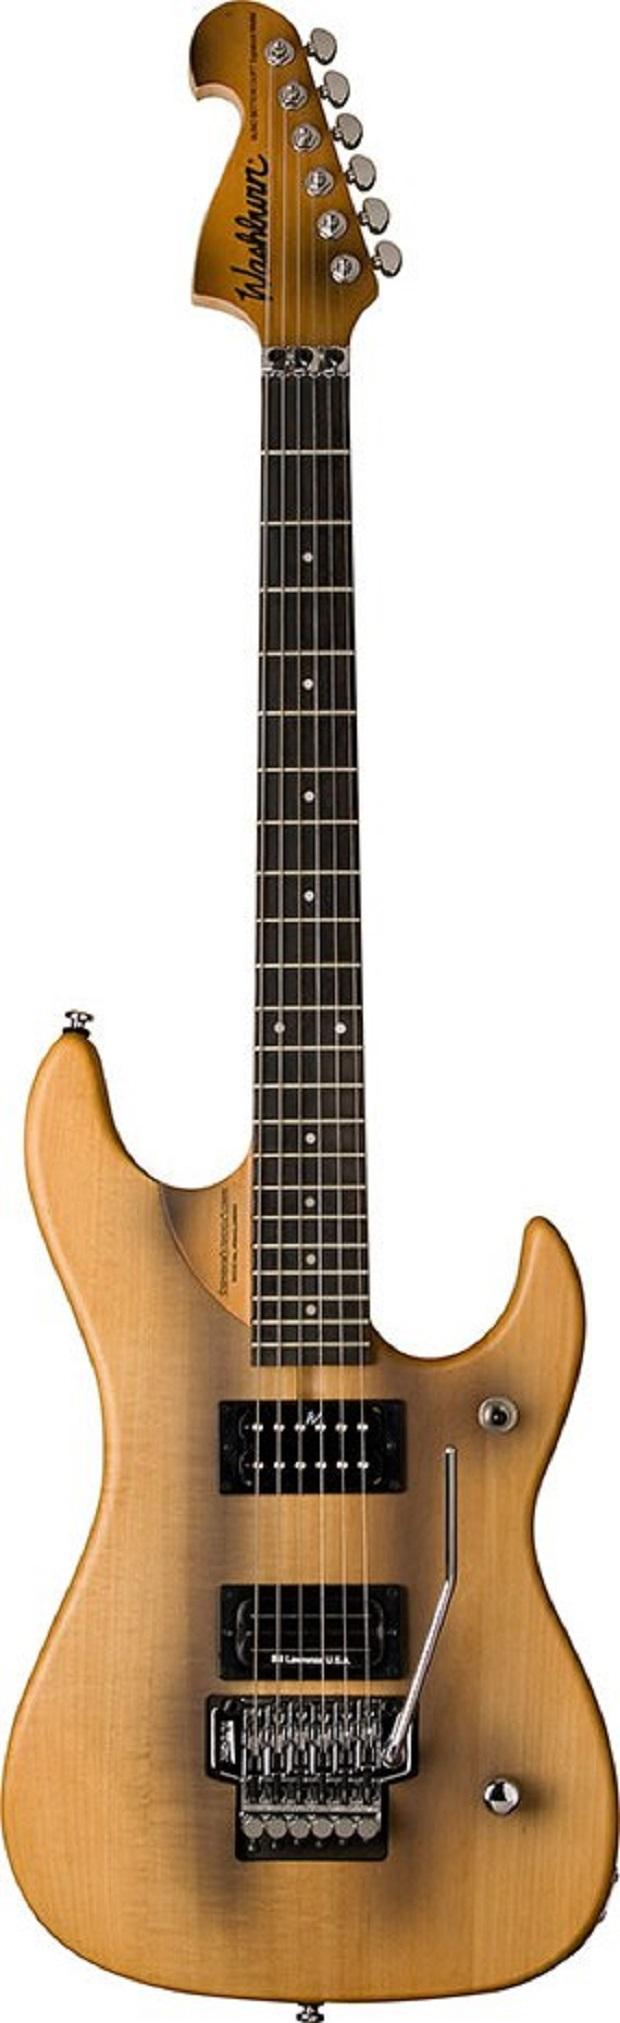 Washburn N24VINTAGEK-D-U Nuno Vintage Electric Guitar